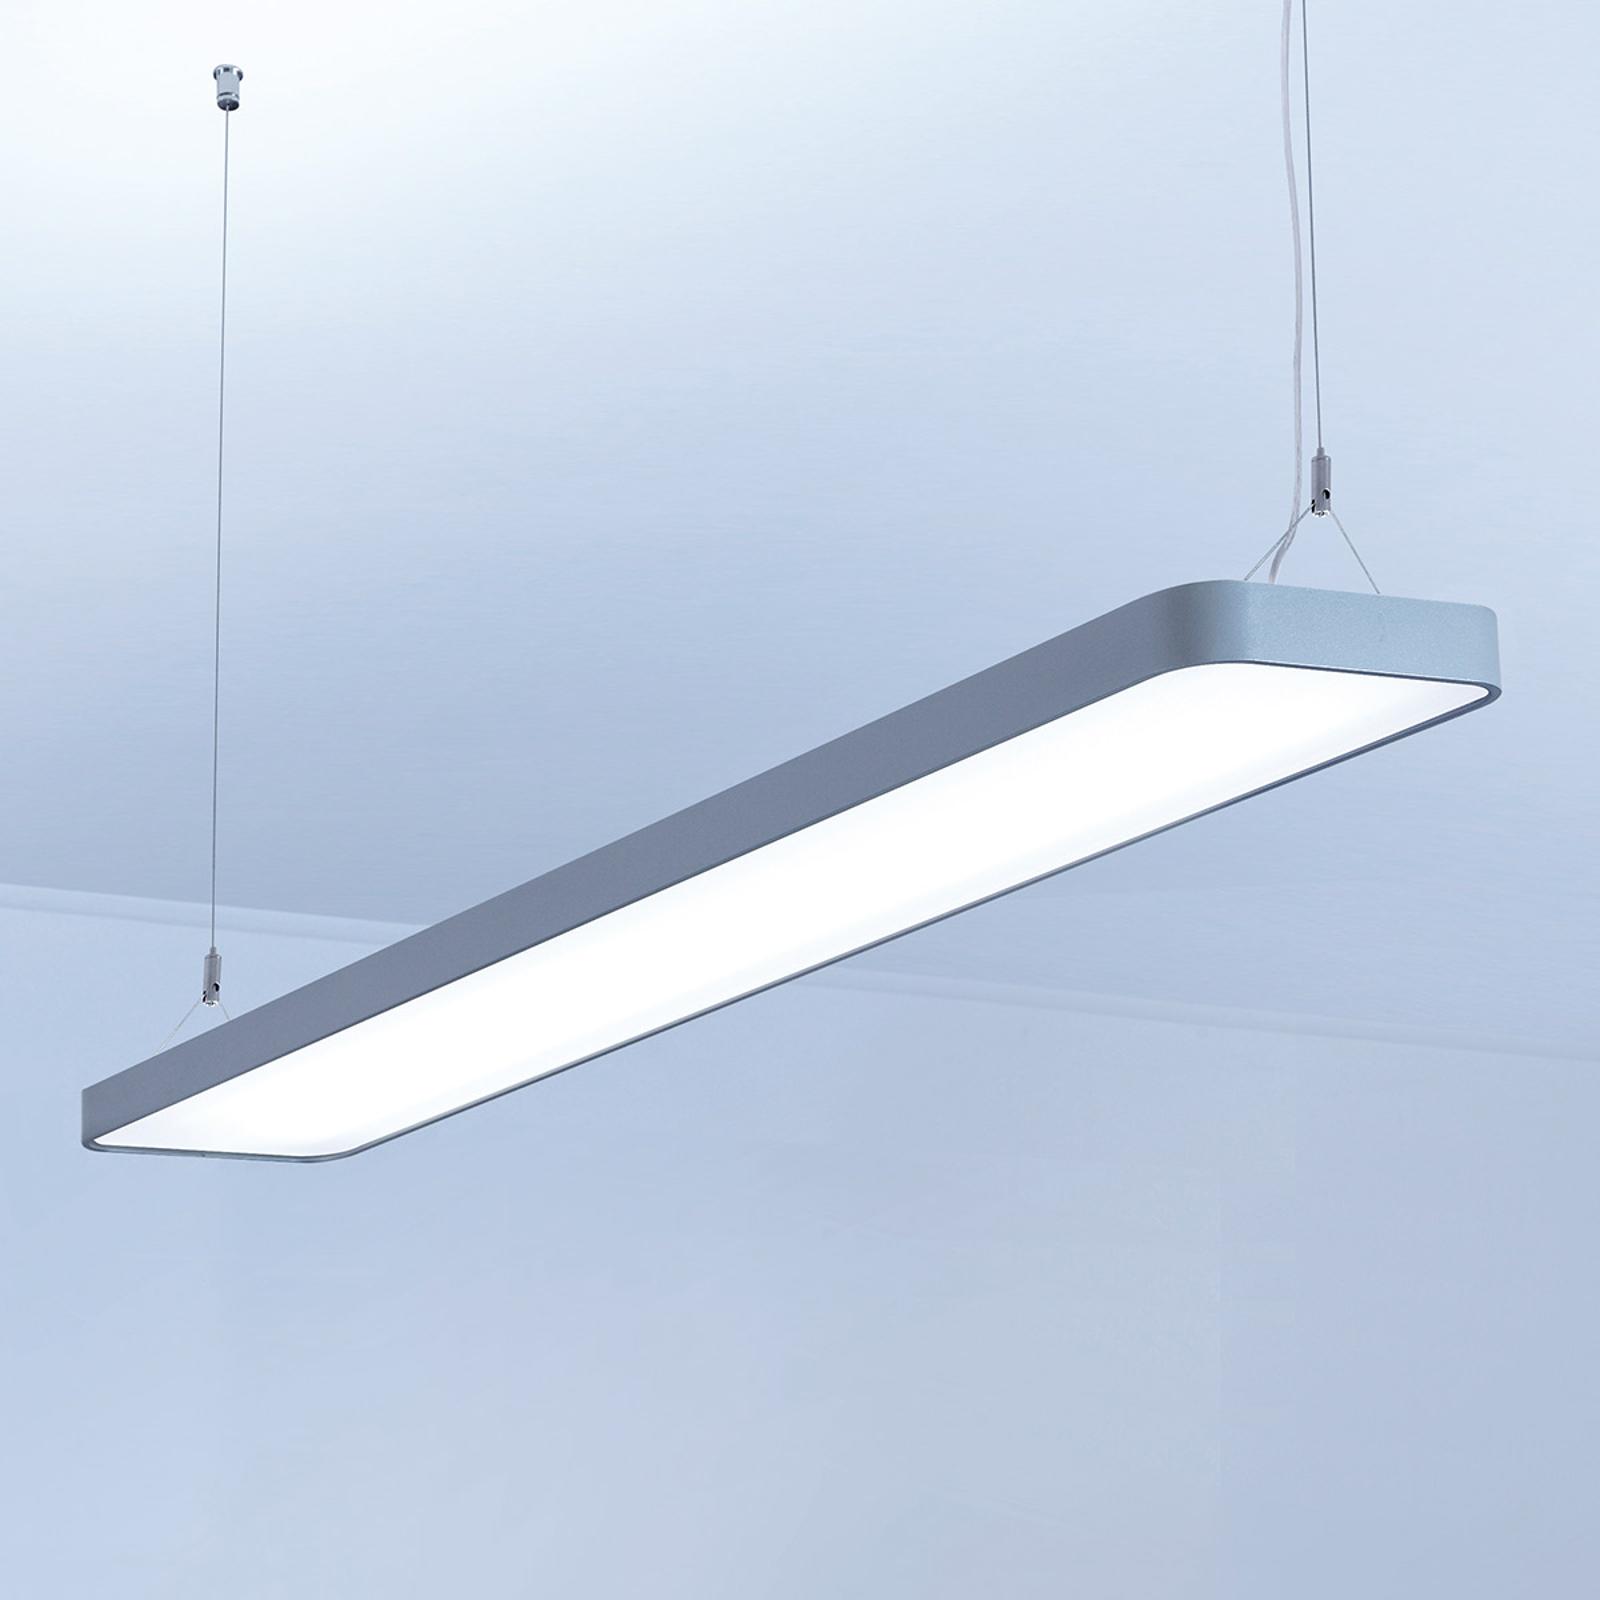 Optimale Büro-LED-Hängeleuchte Caleo-P1 73W